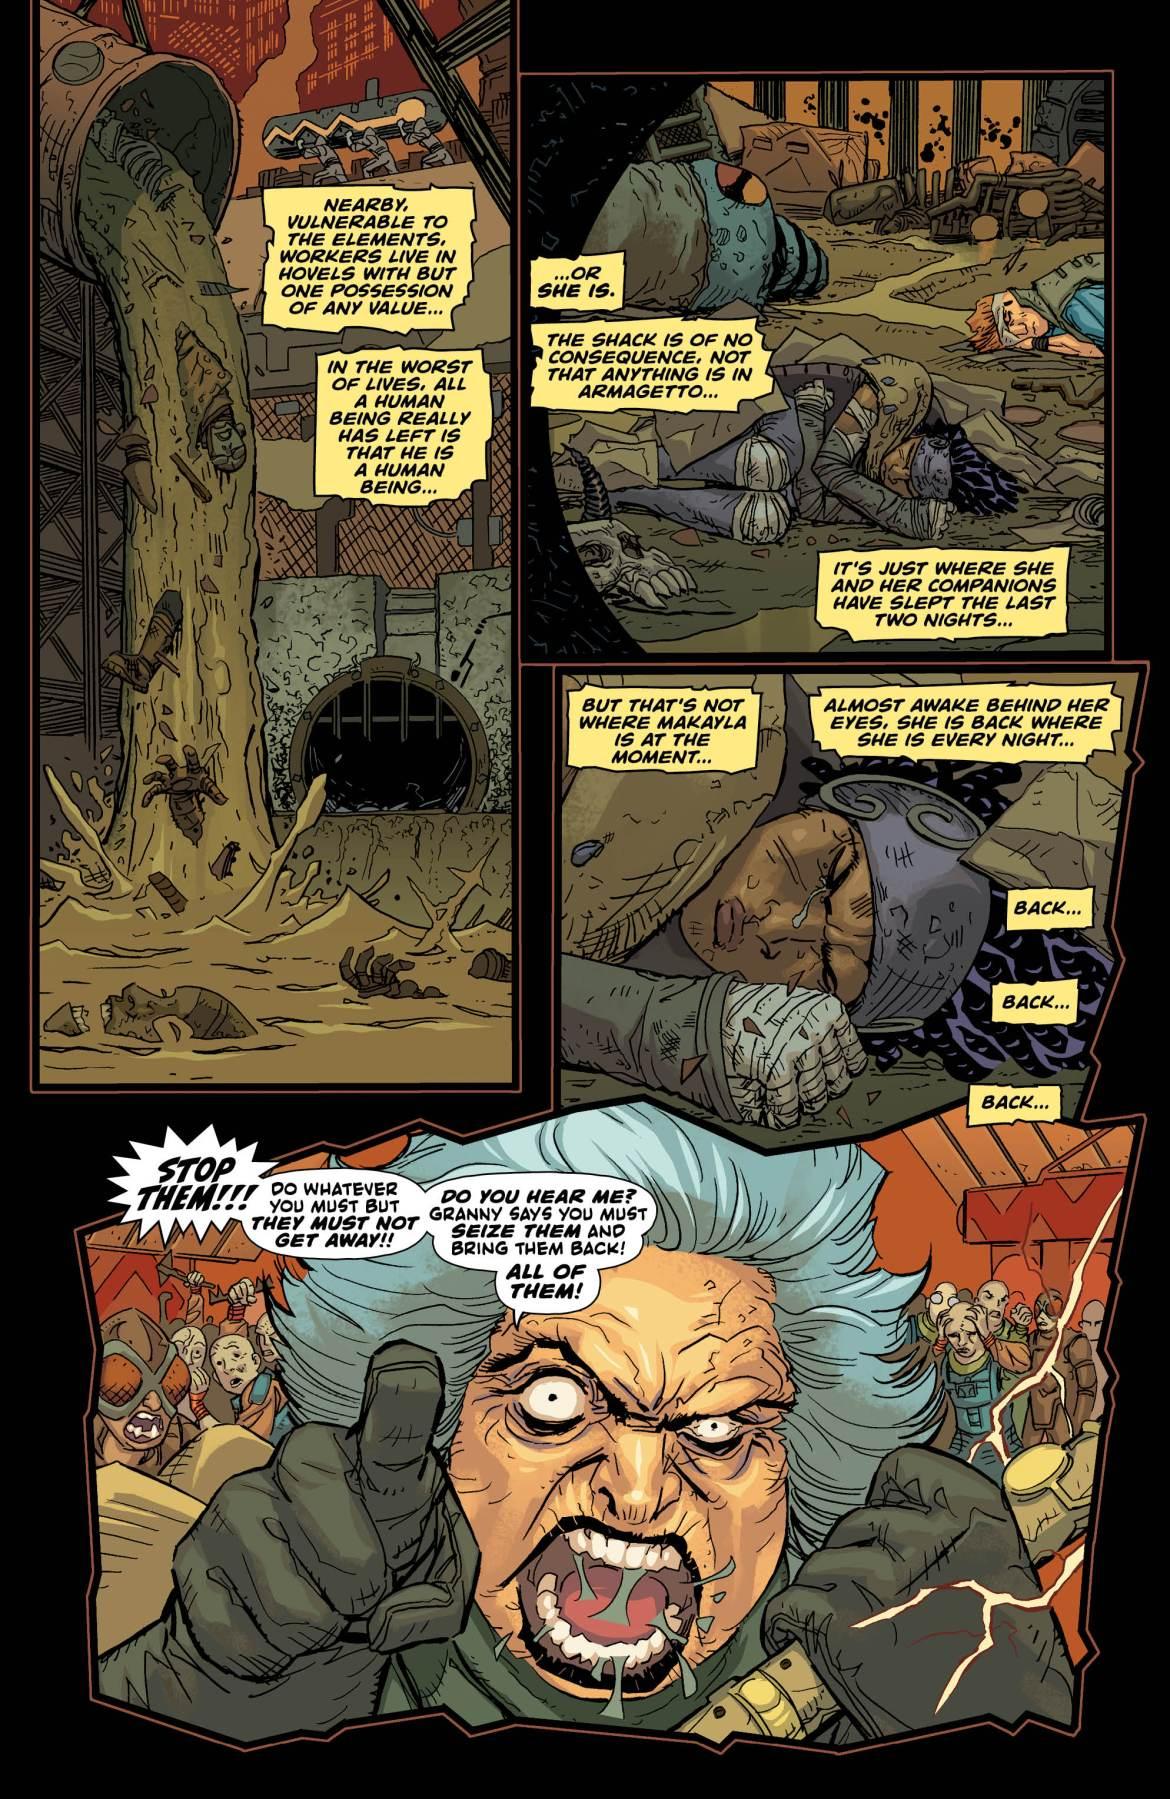 Jack Kirby Darkseid - DC Comics News